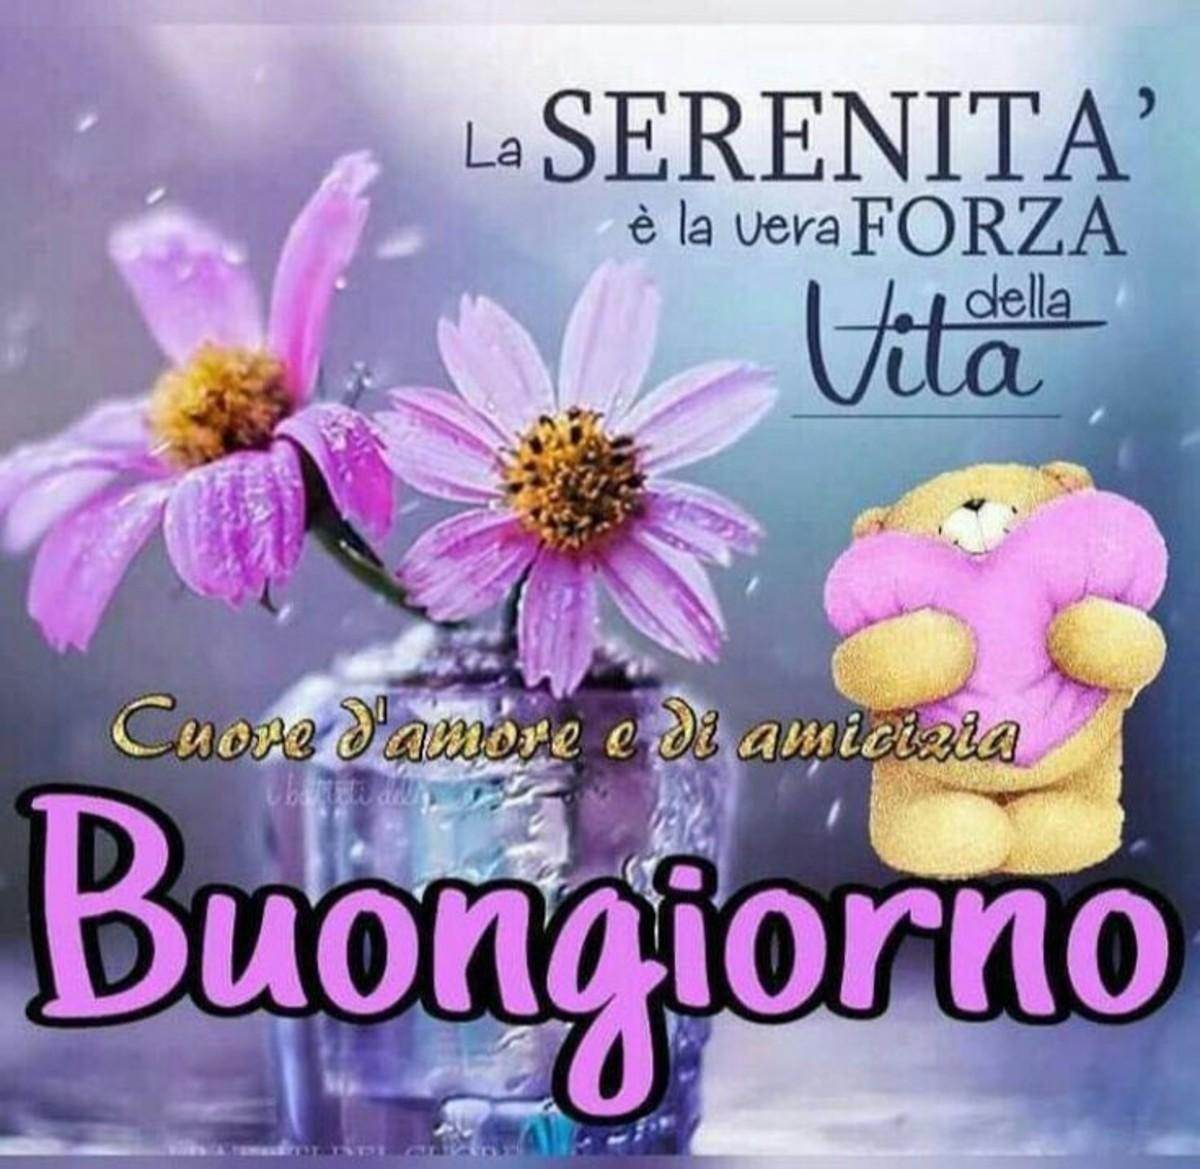 Buongiorno A Tutti Voi 4463 Bellissimeimmagini It